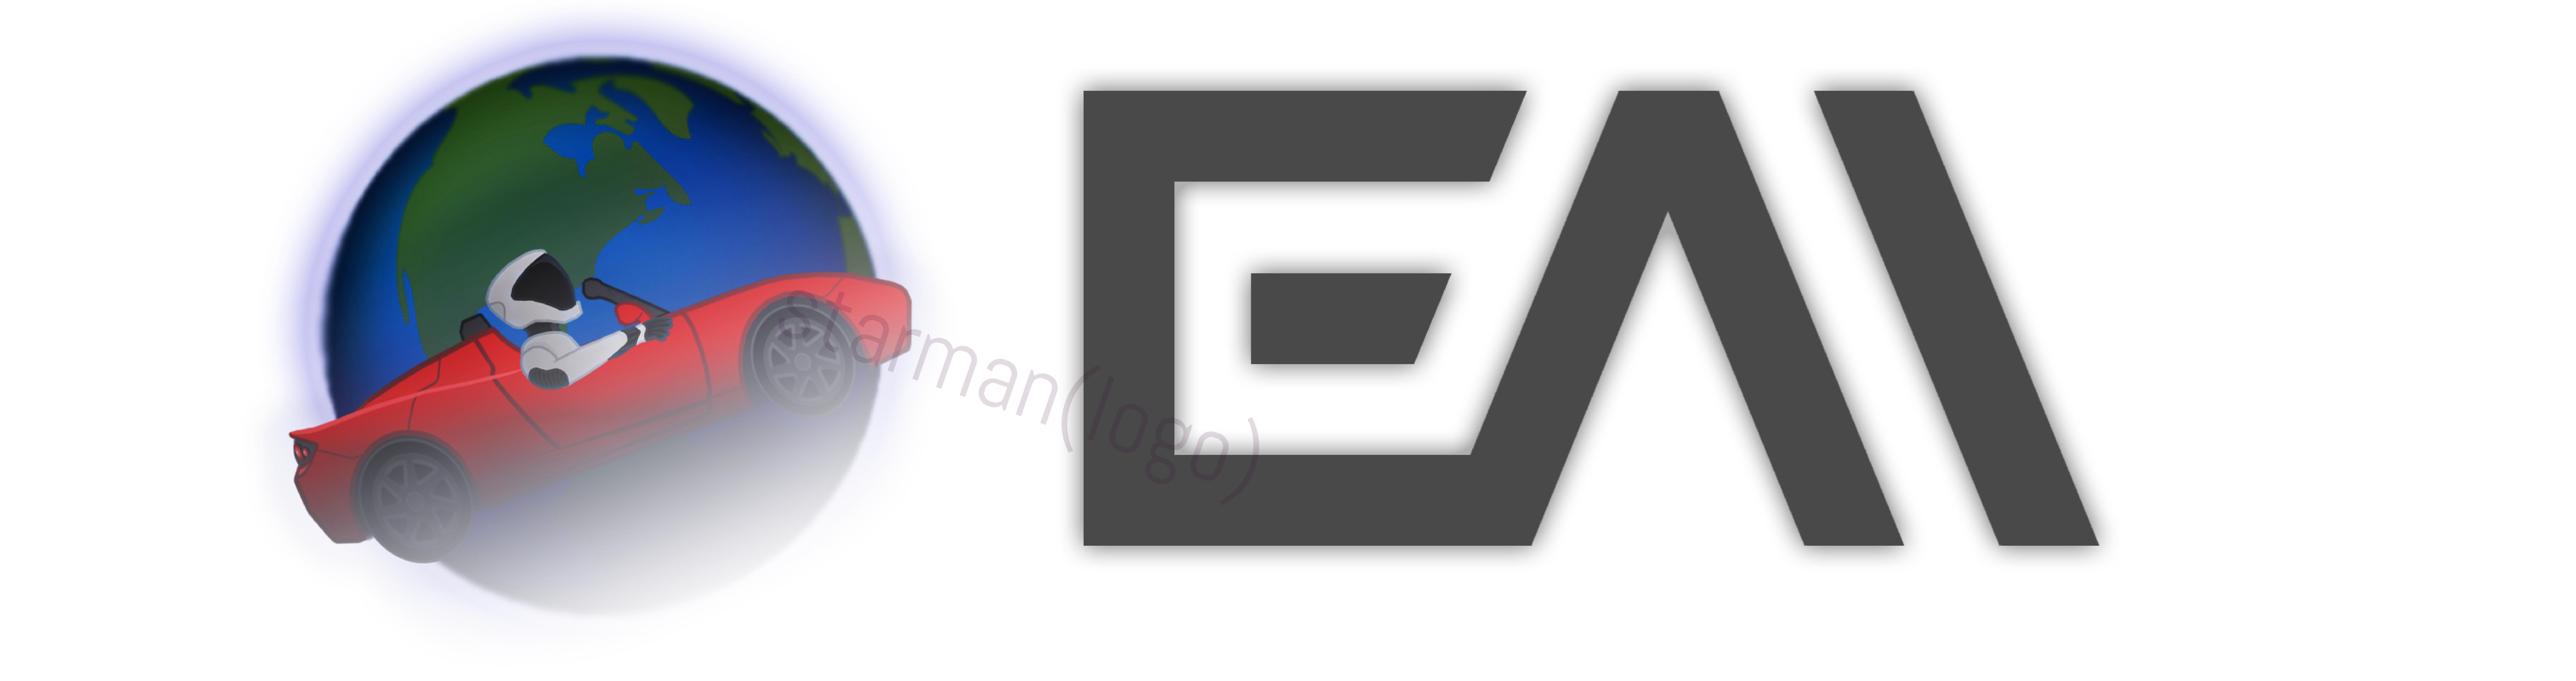 Логотип для новостного сайта  фото f_2805b746f43a526d.png